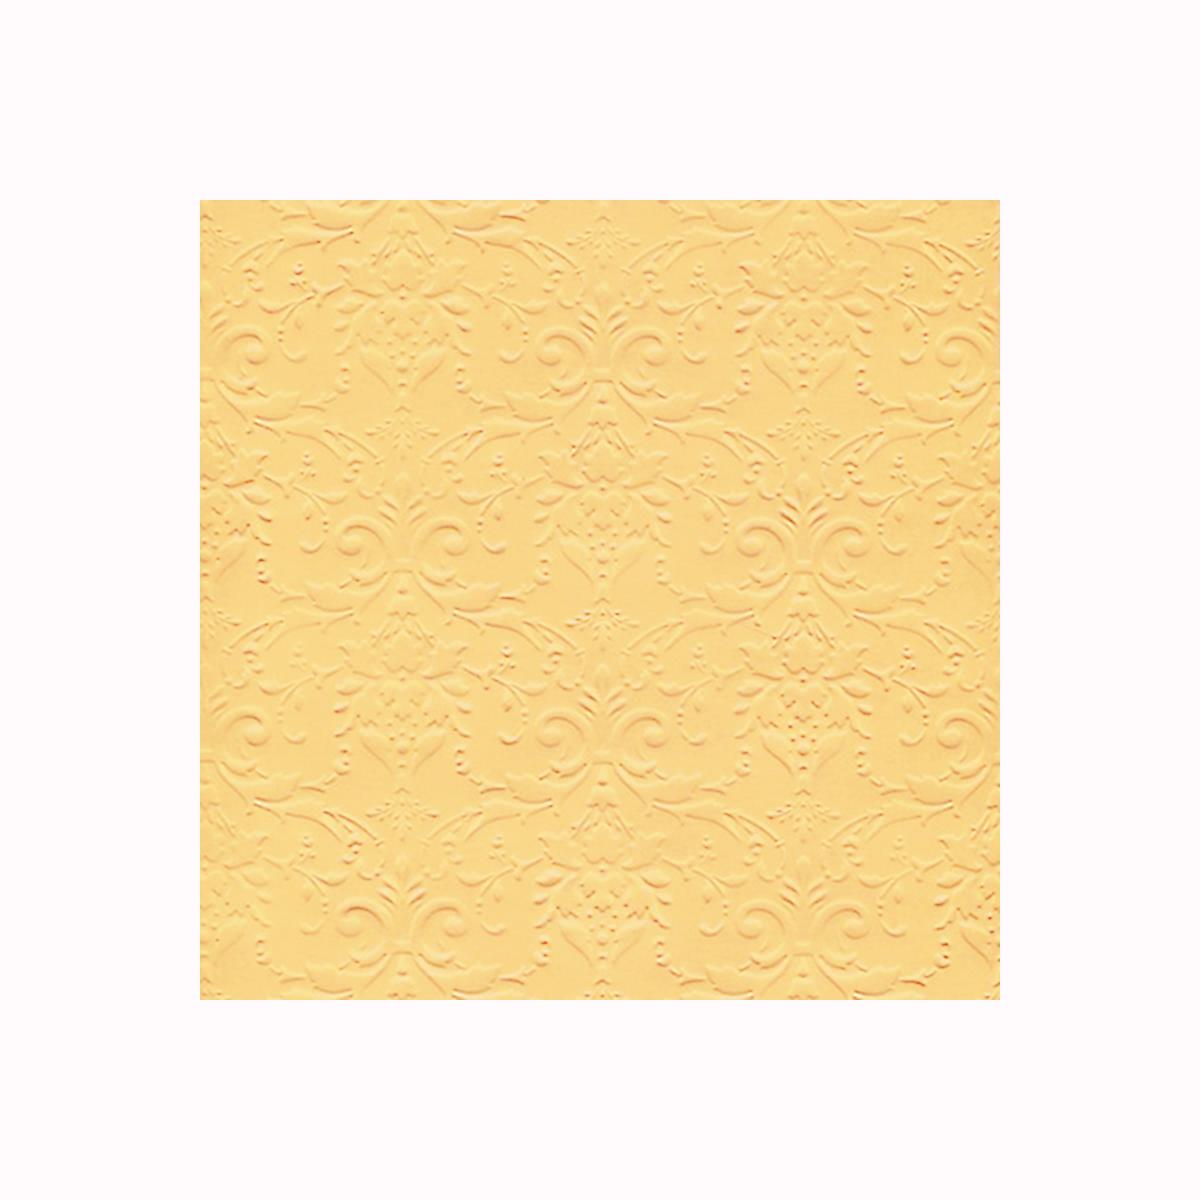 Бумага фактурная Лоза Дамасский узор, цвет: желтый, 3 листа582975_БР003-4 желтыйФактурная бумага для скрапбукинга Лоза Дамасский узор позволит создать красивый альбом, фоторамку или открытку ручной работы, оформить подарок или аппликацию. Набор включает в себя 3 листа из плотной бумаги. Скрапбукинг - это хобби, которое способно приносить массу приятных эмоций не только человеку, который этим занимается, но и его близким, друзьям, родным. Это невероятно увлекательное занятие, которое поможет вам сохранить наиболее памятные и яркие моменты вашей жизни, а также интересно оформить интерьер дома.